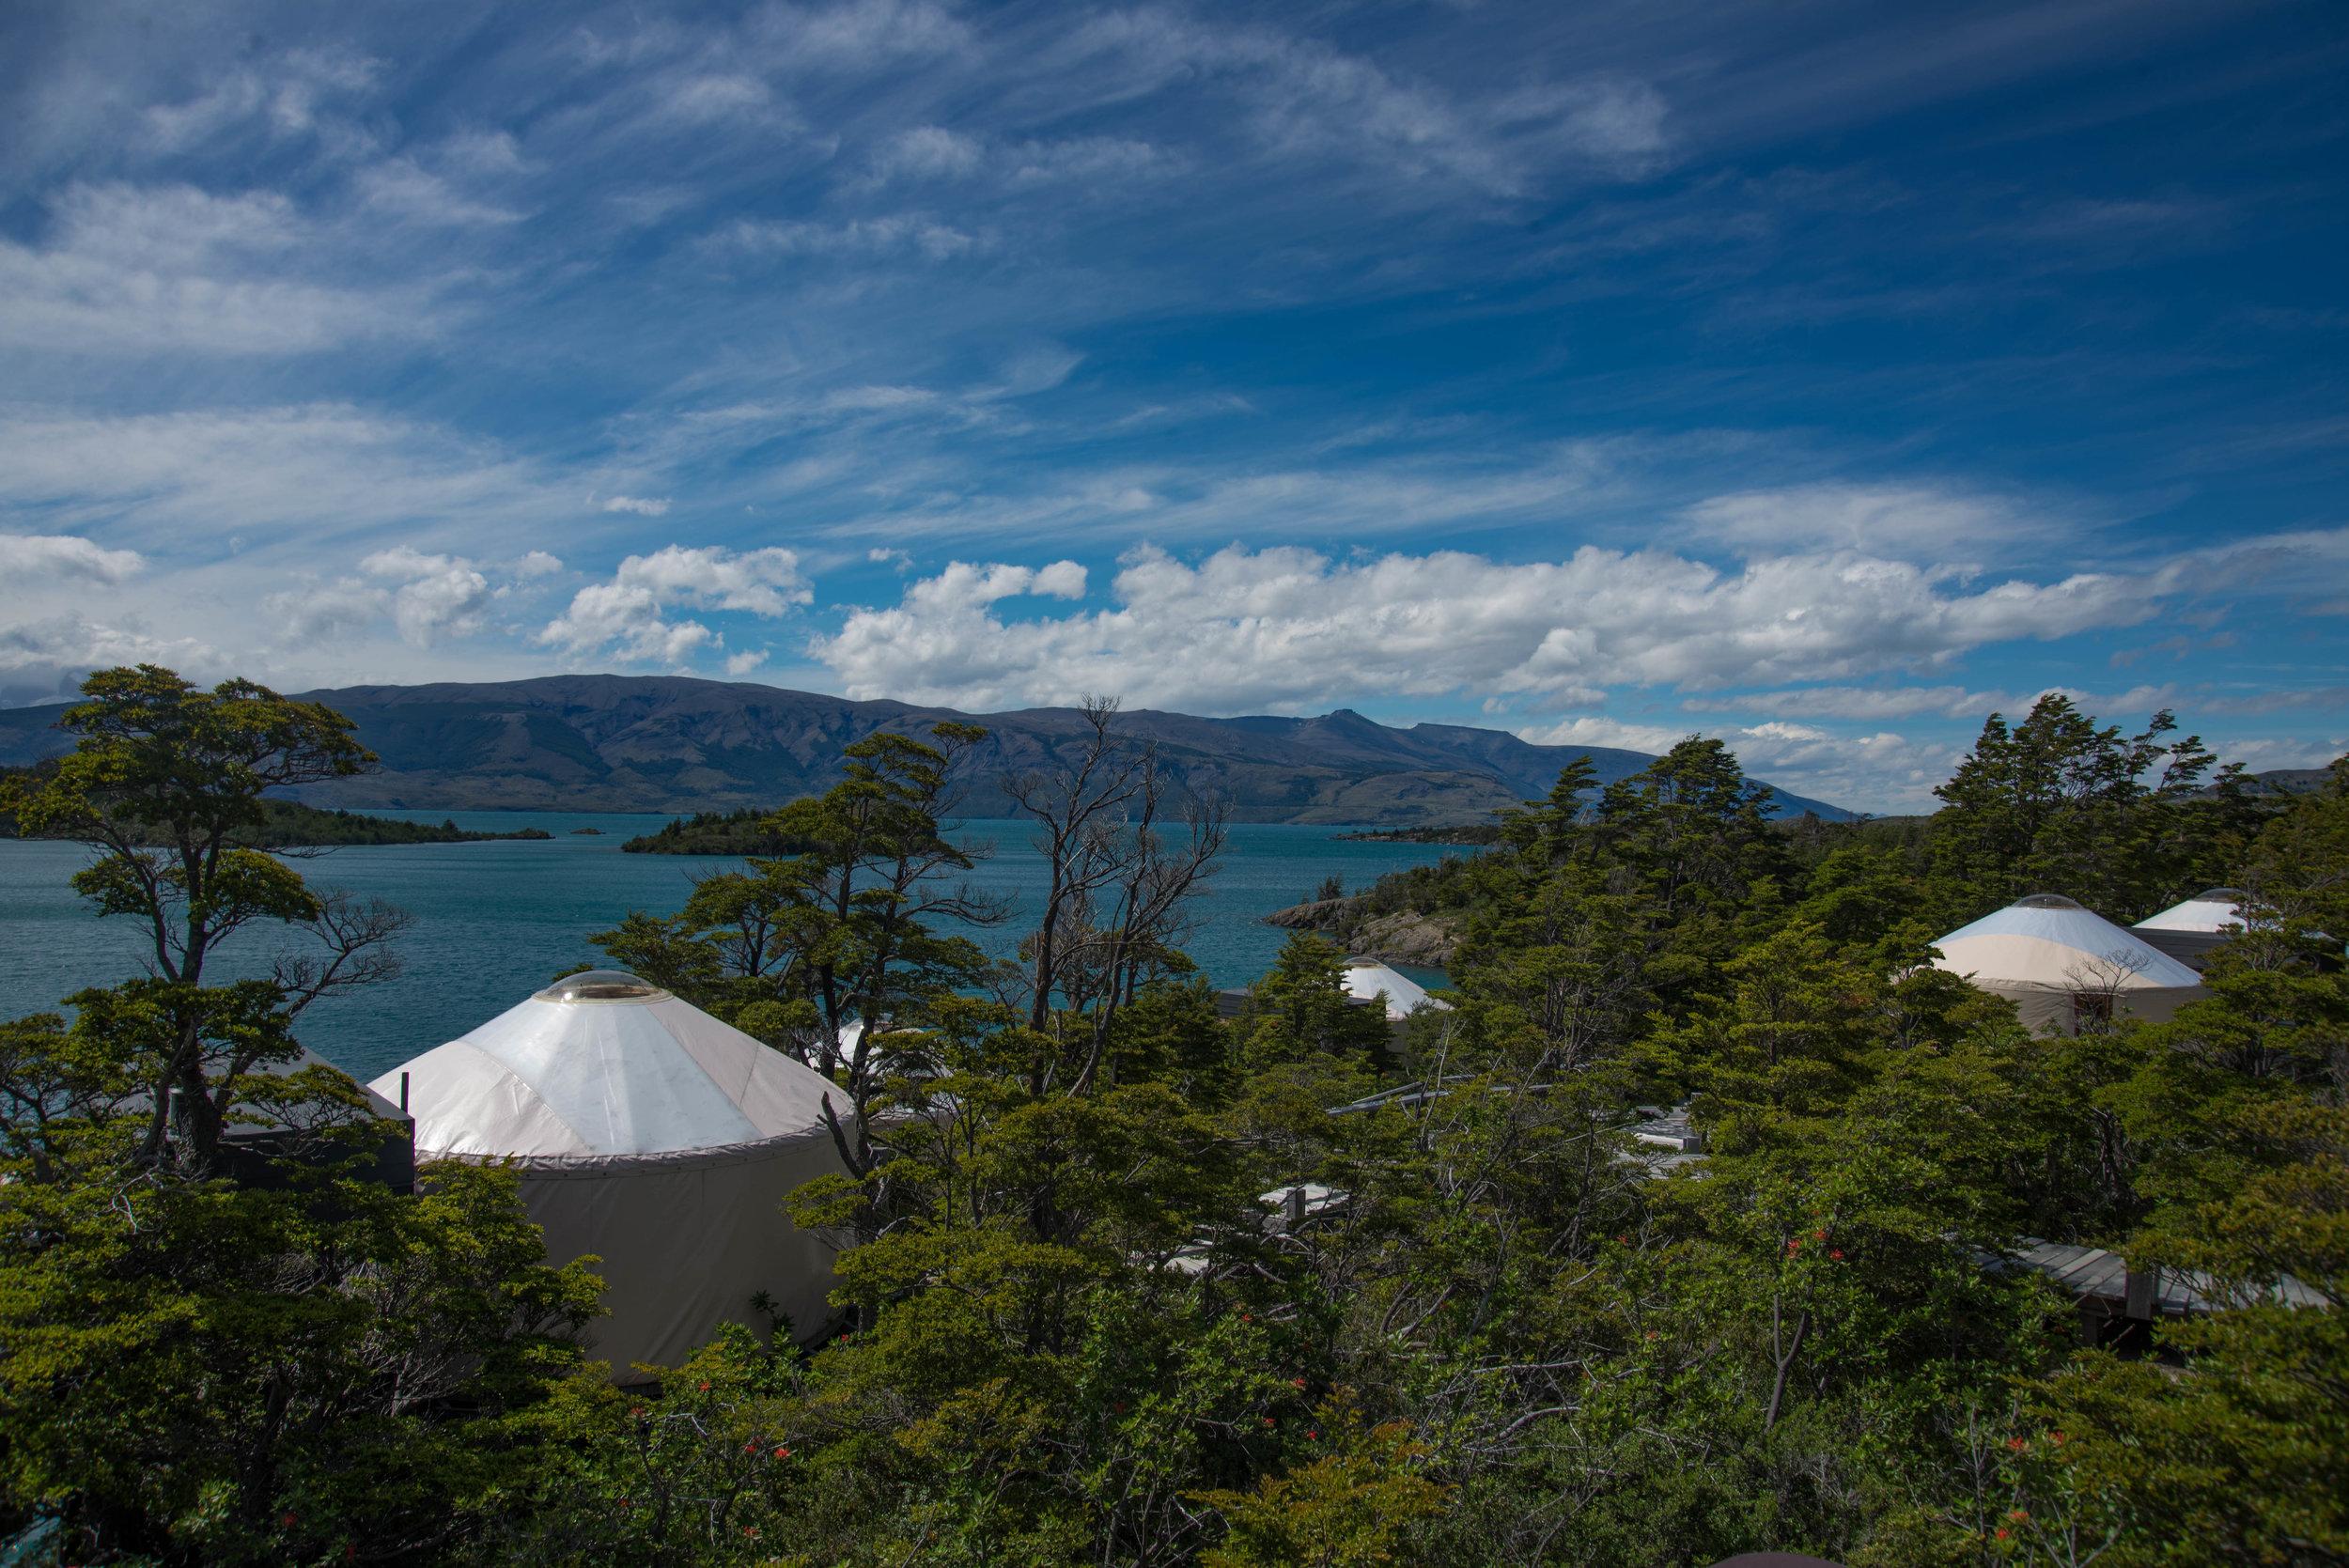 Yurts-PRINCIPAL - WEBSITE.jpg